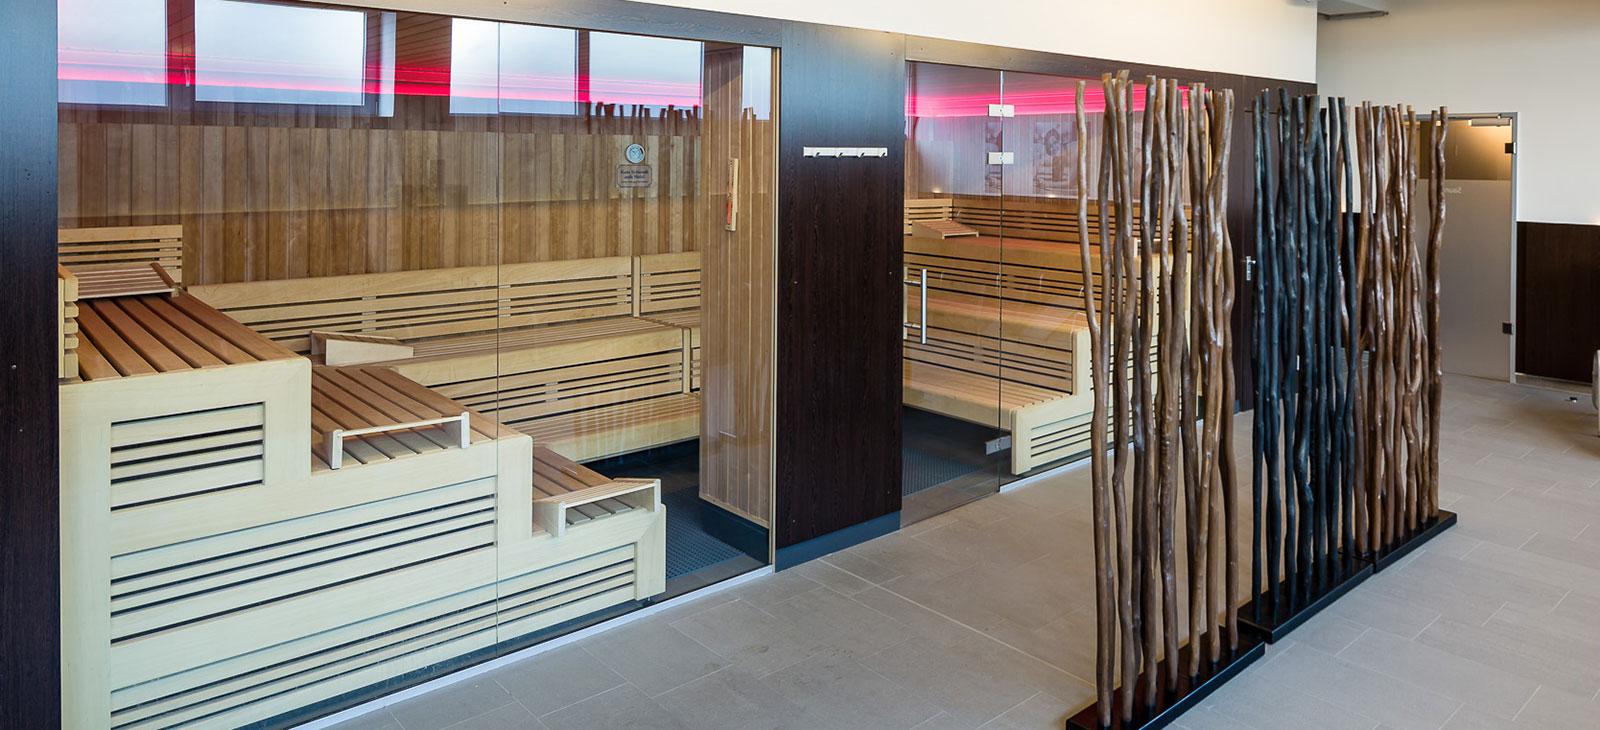 Finnische-Sauna-im-Fitness-Loft-Freiburg-Haid-1600x730px